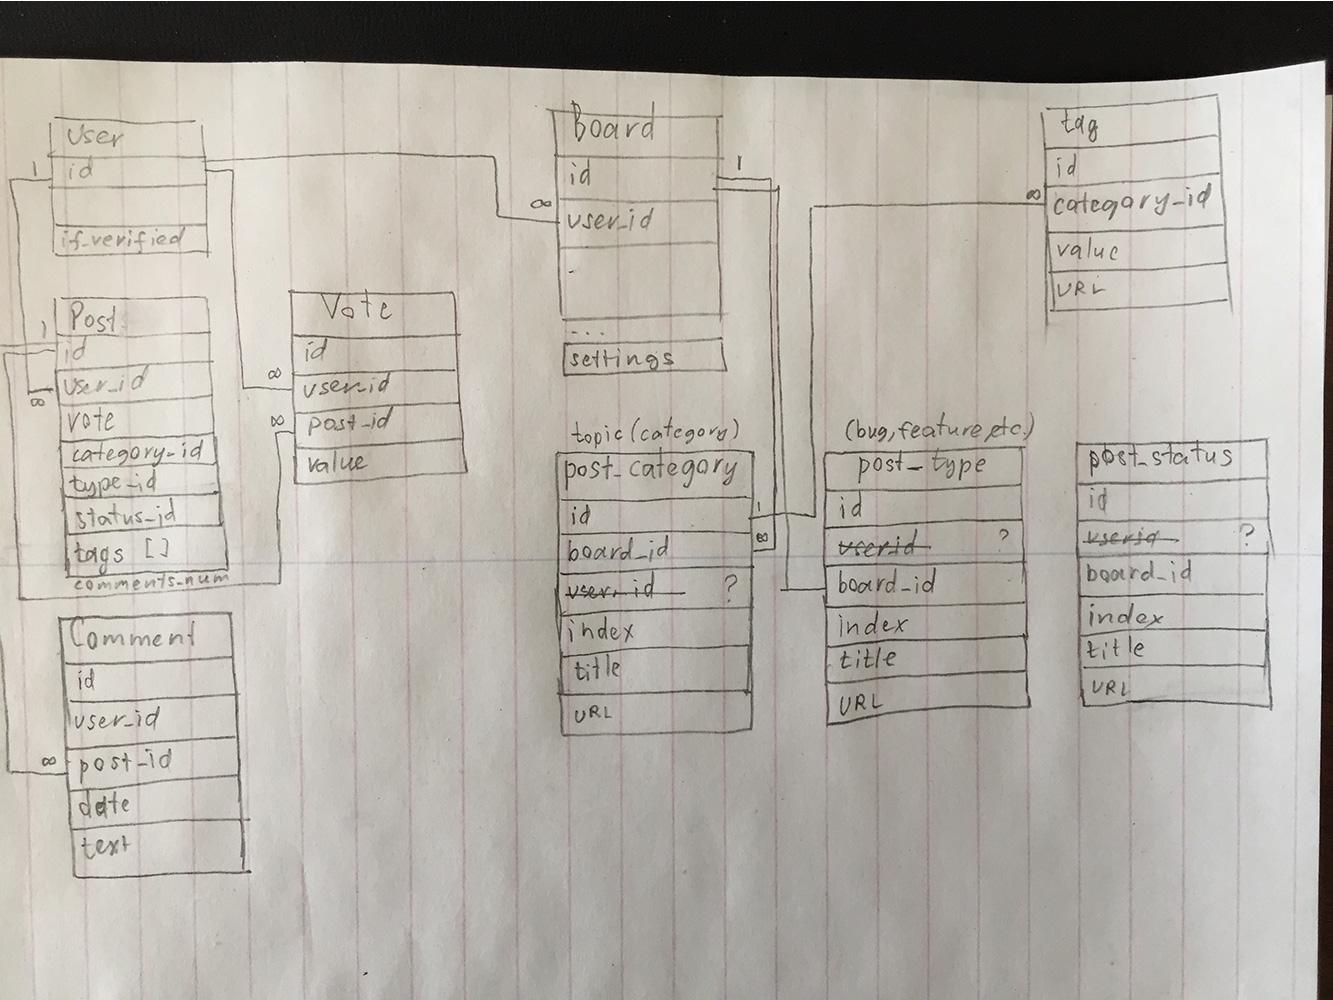 Database schema sketch